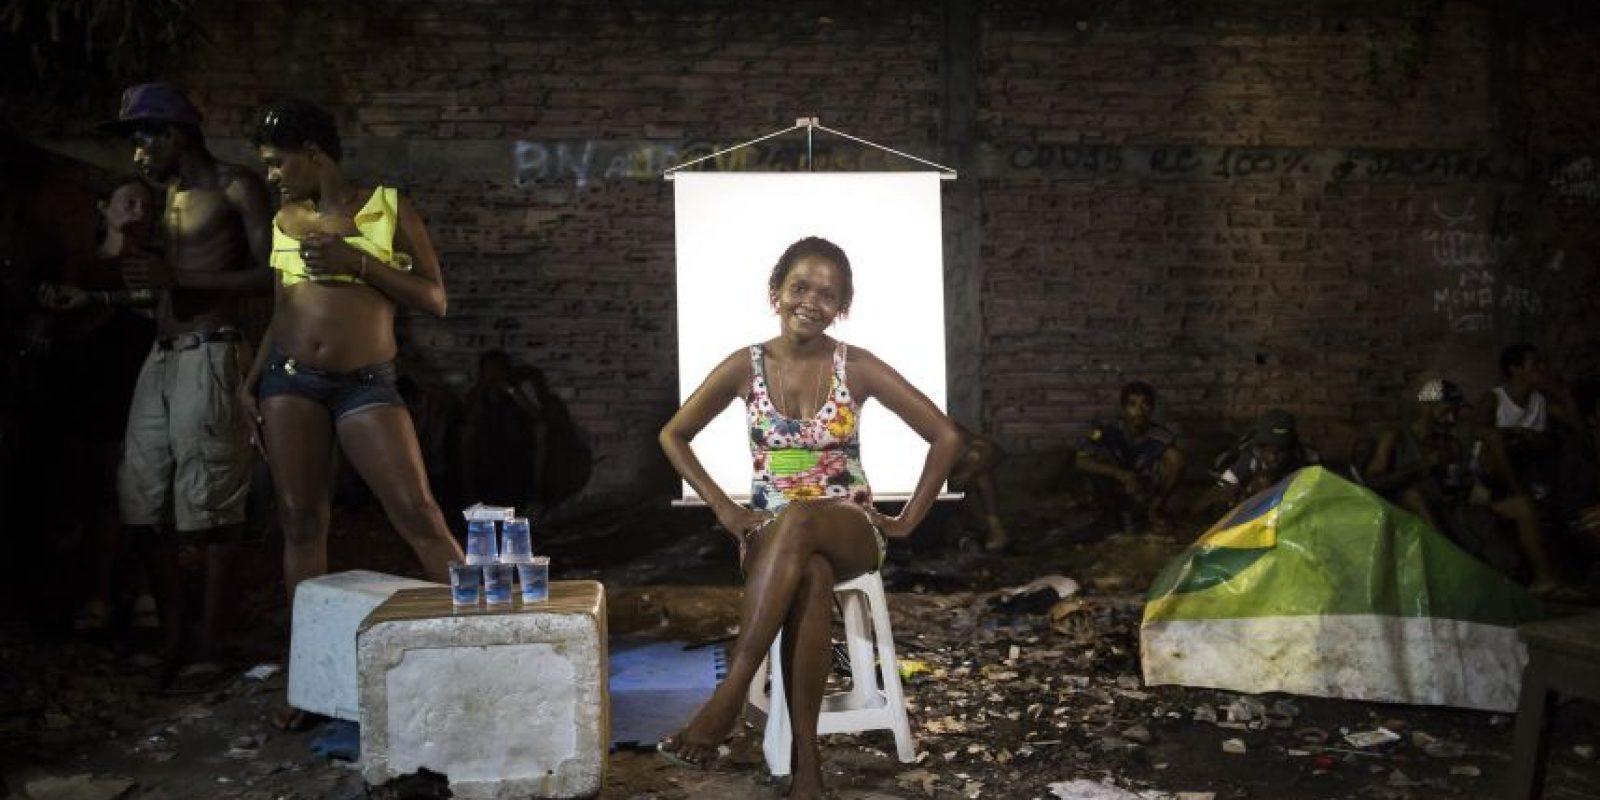 """En esta imagen, tomada el 18 de marzo de 2015, Carla Cristina, de 26 años, posa para una fotografía junto a su puesto de venta de agua en un punto de venta de crack al aire libre, conocido como """"cracolandia"""", donde los clientes pueden comprar la droga y fumarla a plena vista, de día o de noche, en Río de Janeiro, Brasil. Foto:AP/ Felipe Dana"""